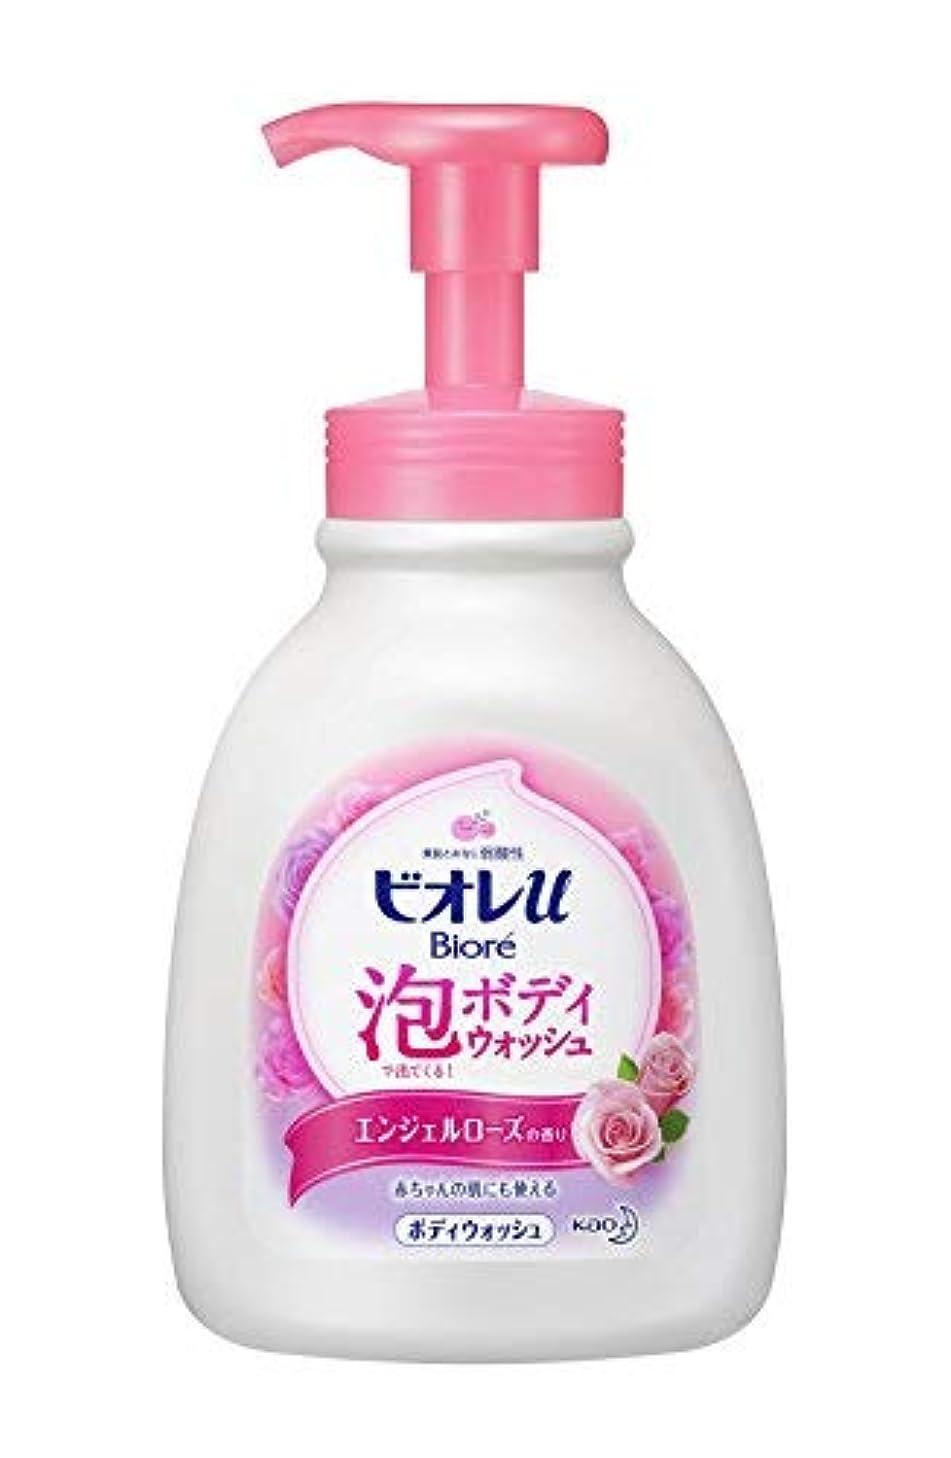 発揮する記念日メモ花王 ビオレu 泡で出てくるボディウォッシュ エンジェルローズの香り ポンプ 600ml × 6個セット